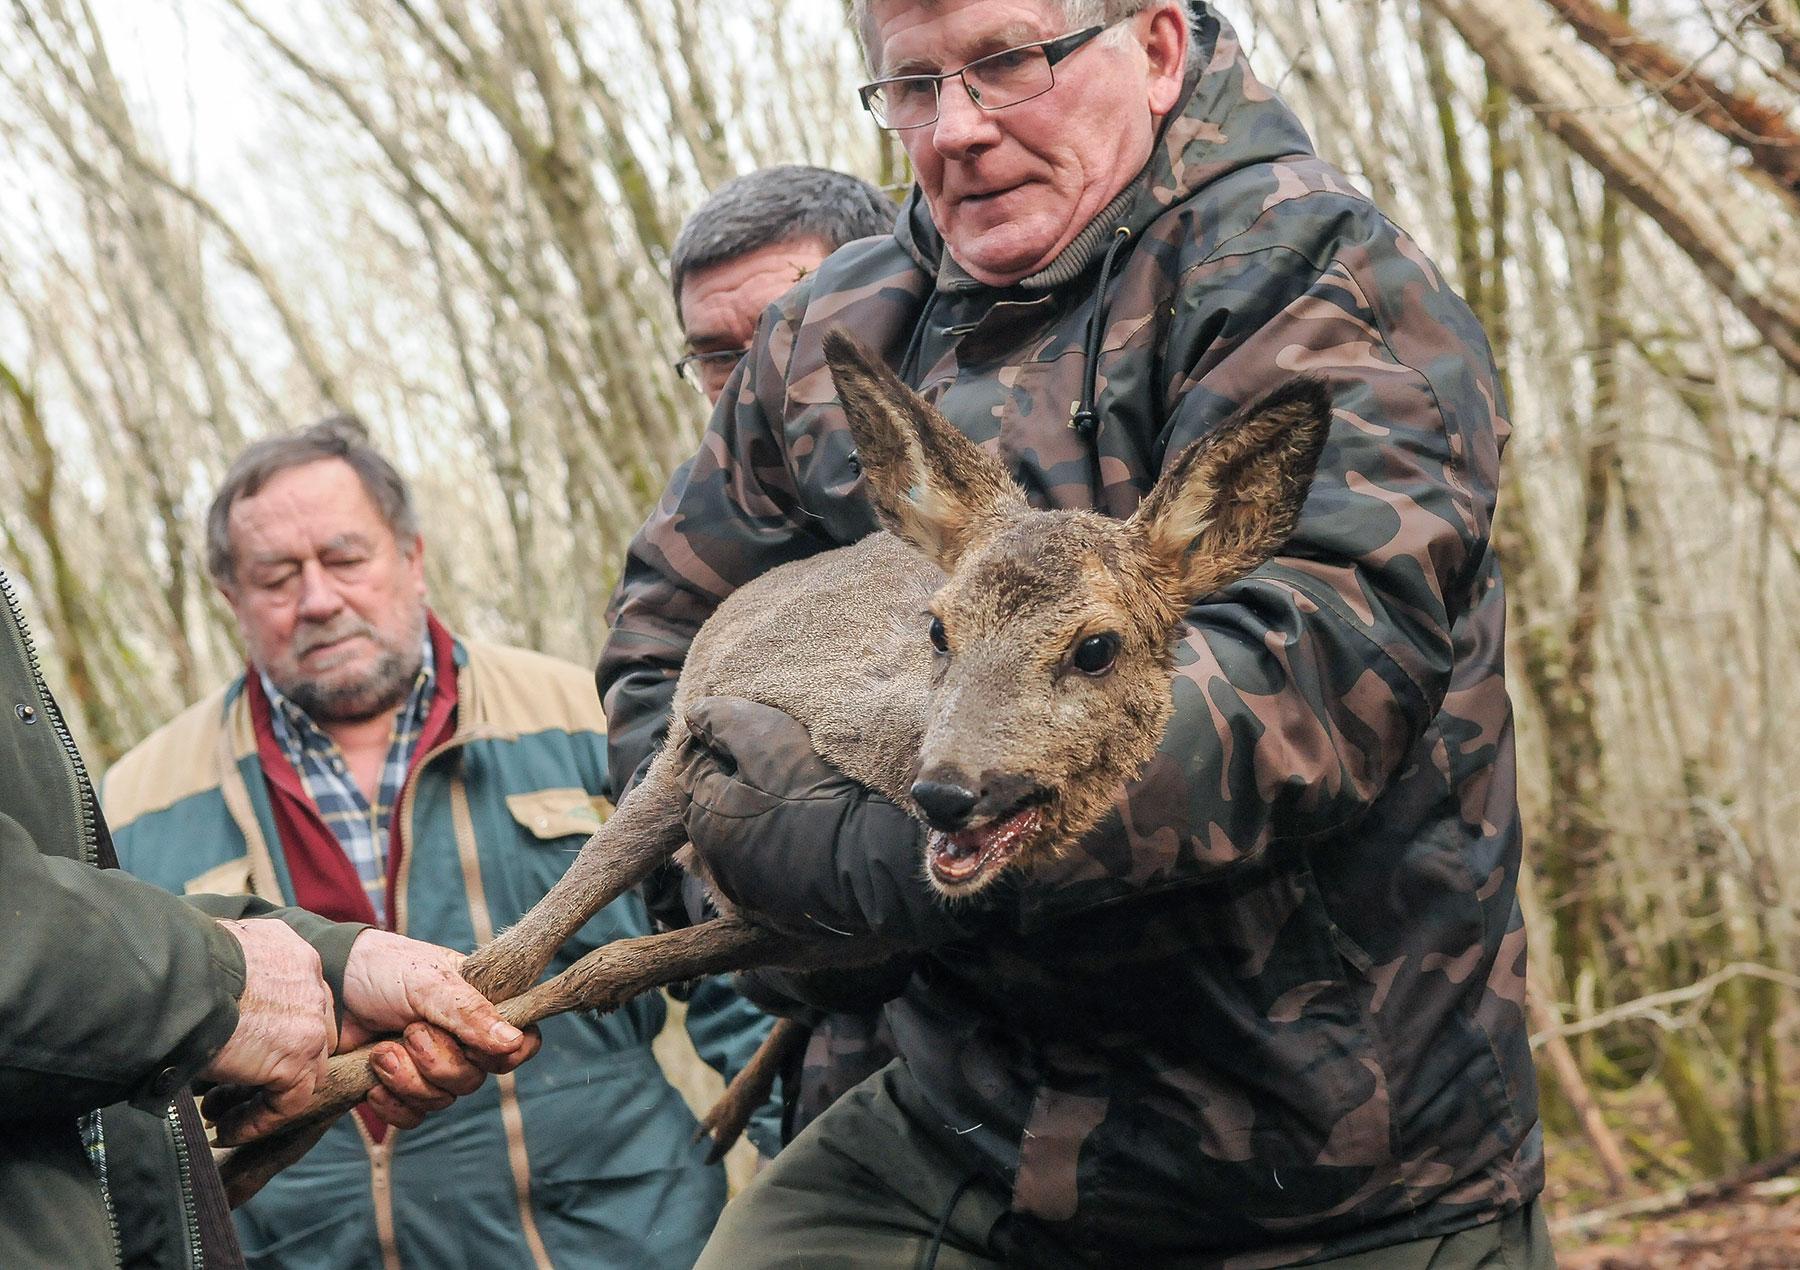 16 février. À la demande du CNRS, à Chizé, les grands mammifères sont capturés par une armée de chasseurs. Auscultés puis remis en liberté, ce jeune chevreuil en sera quitte pour une belle frayeur.